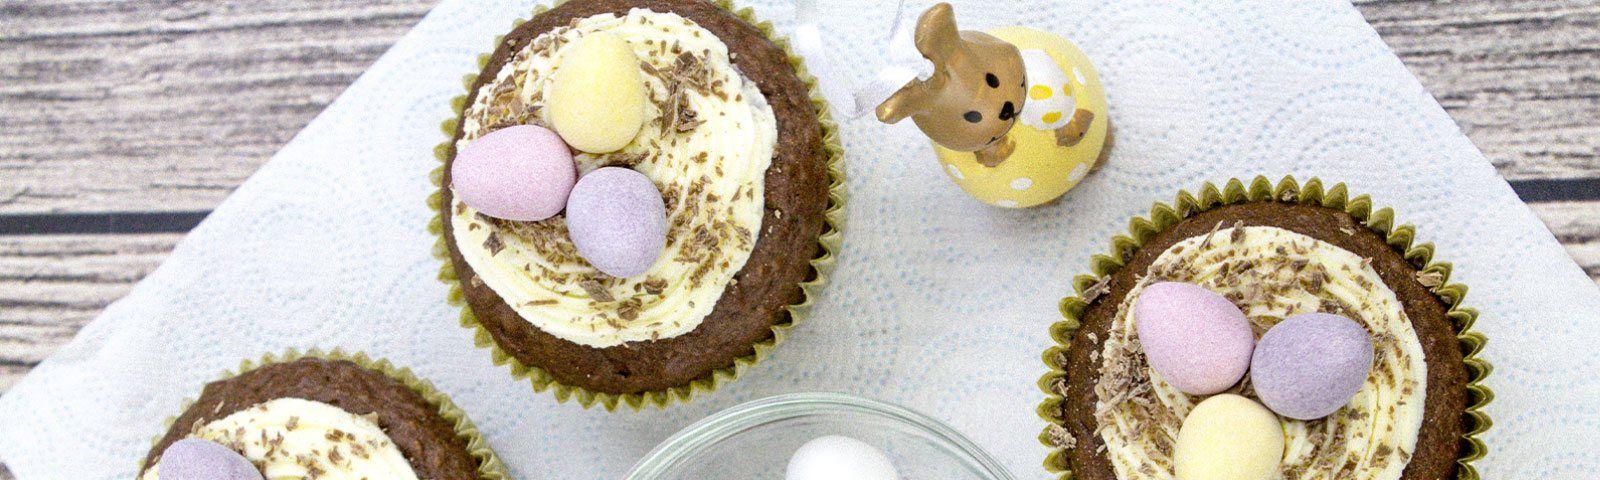 Wielkanocne muffinki czekoladowo-owsiane